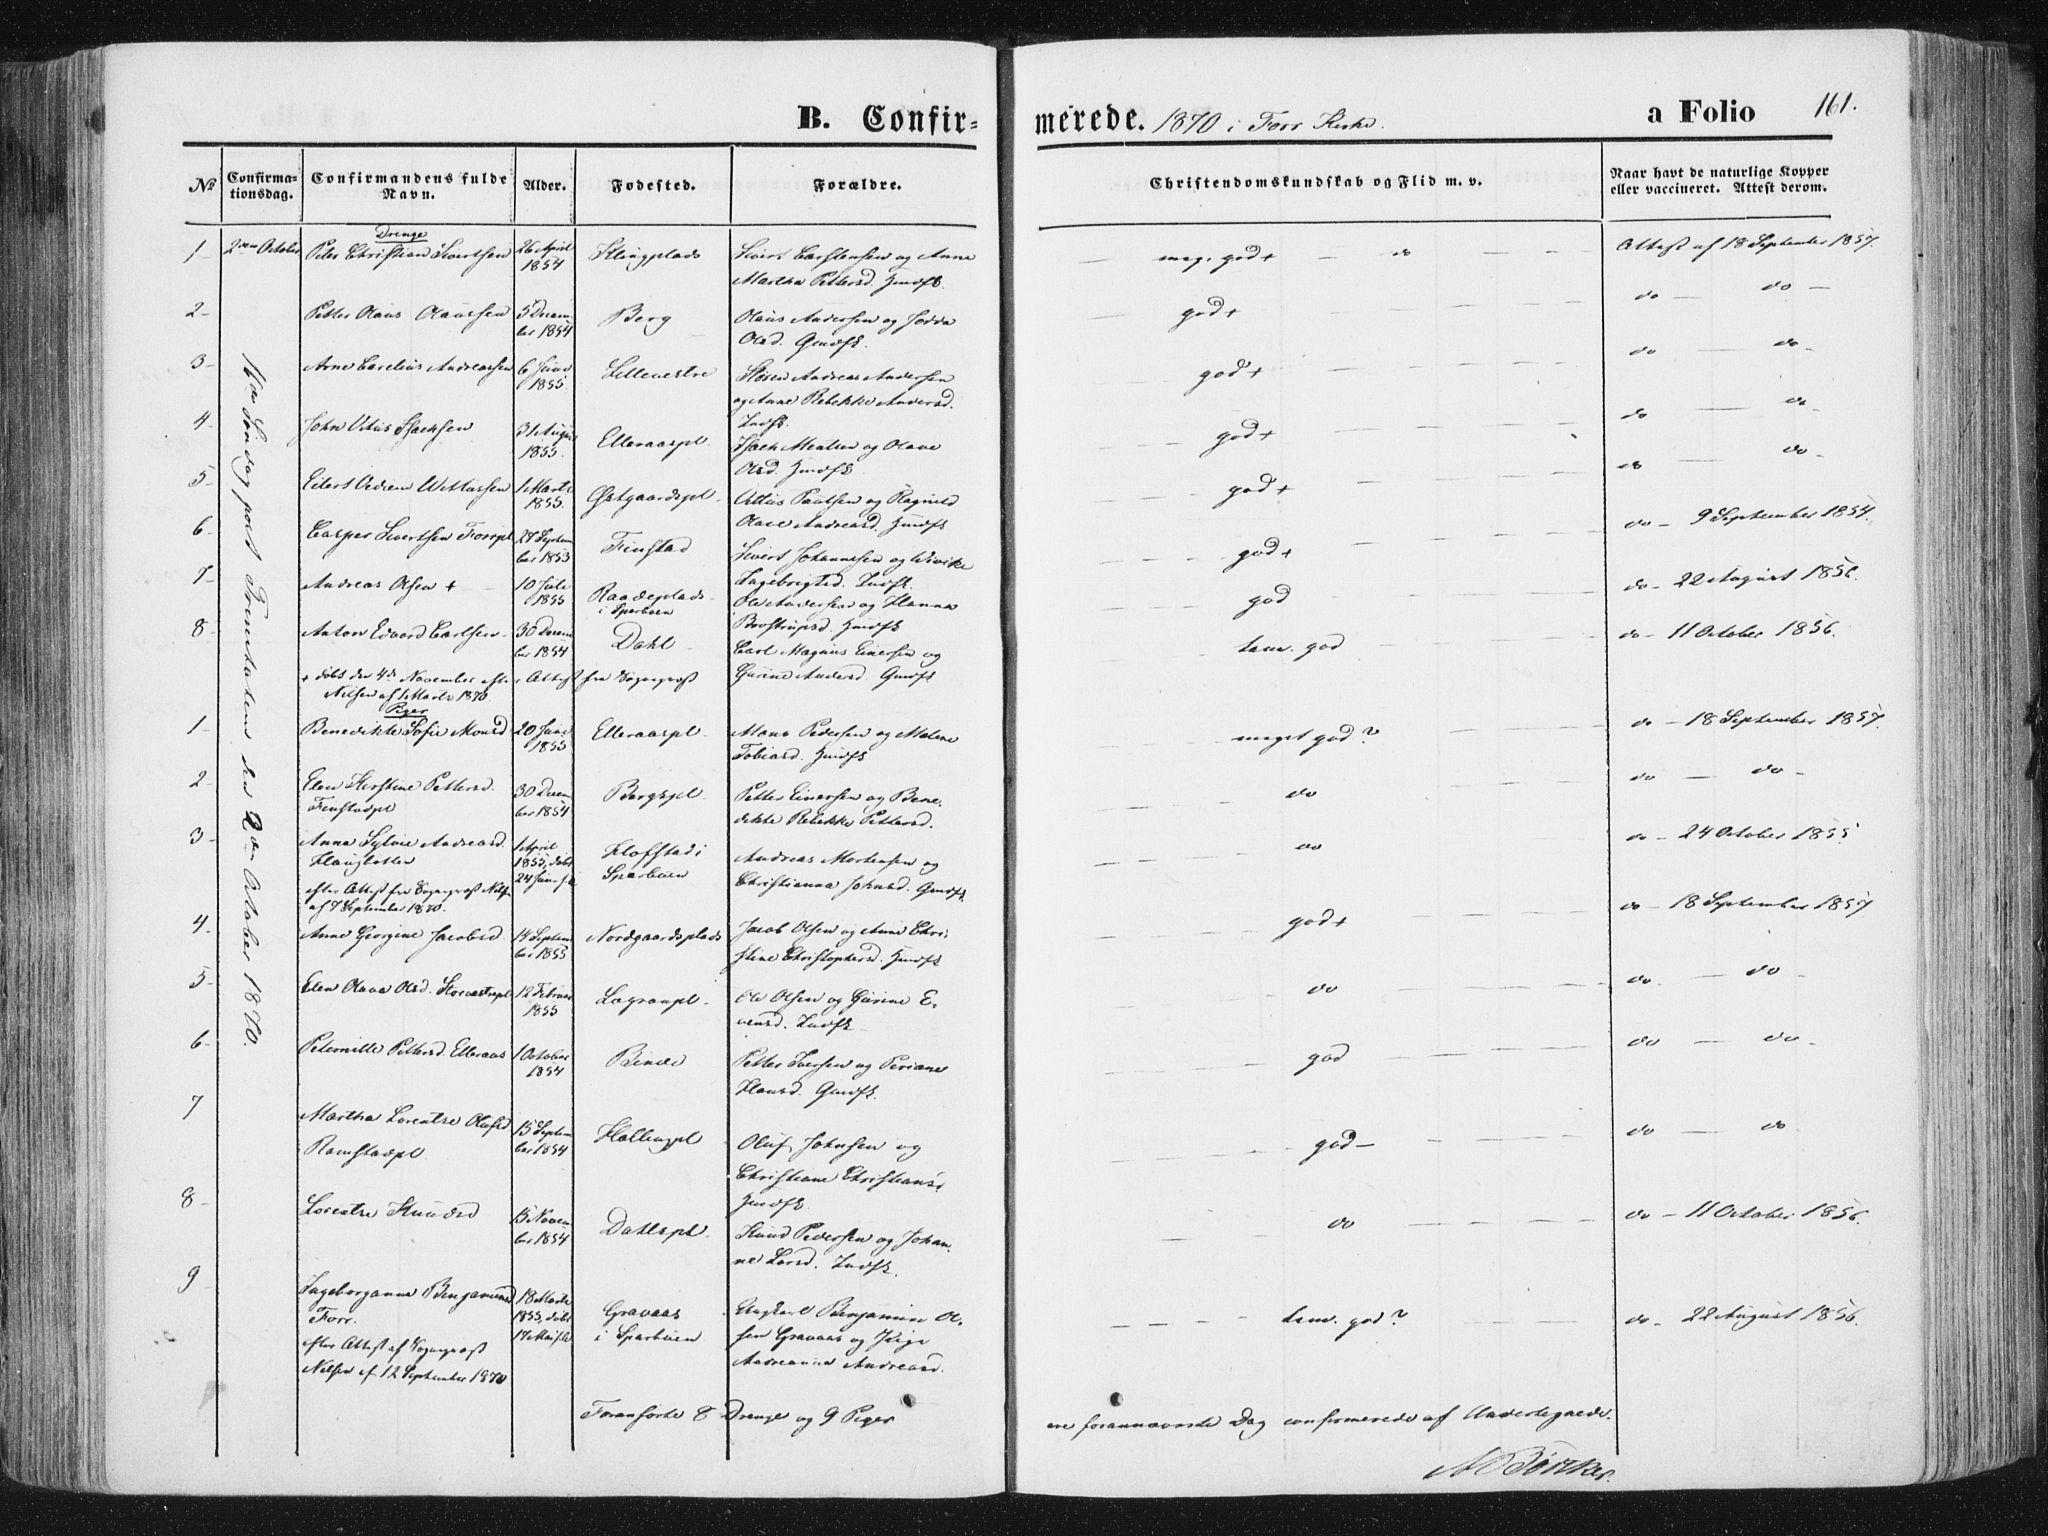 SAT, Ministerialprotokoller, klokkerbøker og fødselsregistre - Nord-Trøndelag, 746/L0447: Ministerialbok nr. 746A06, 1860-1877, s. 161